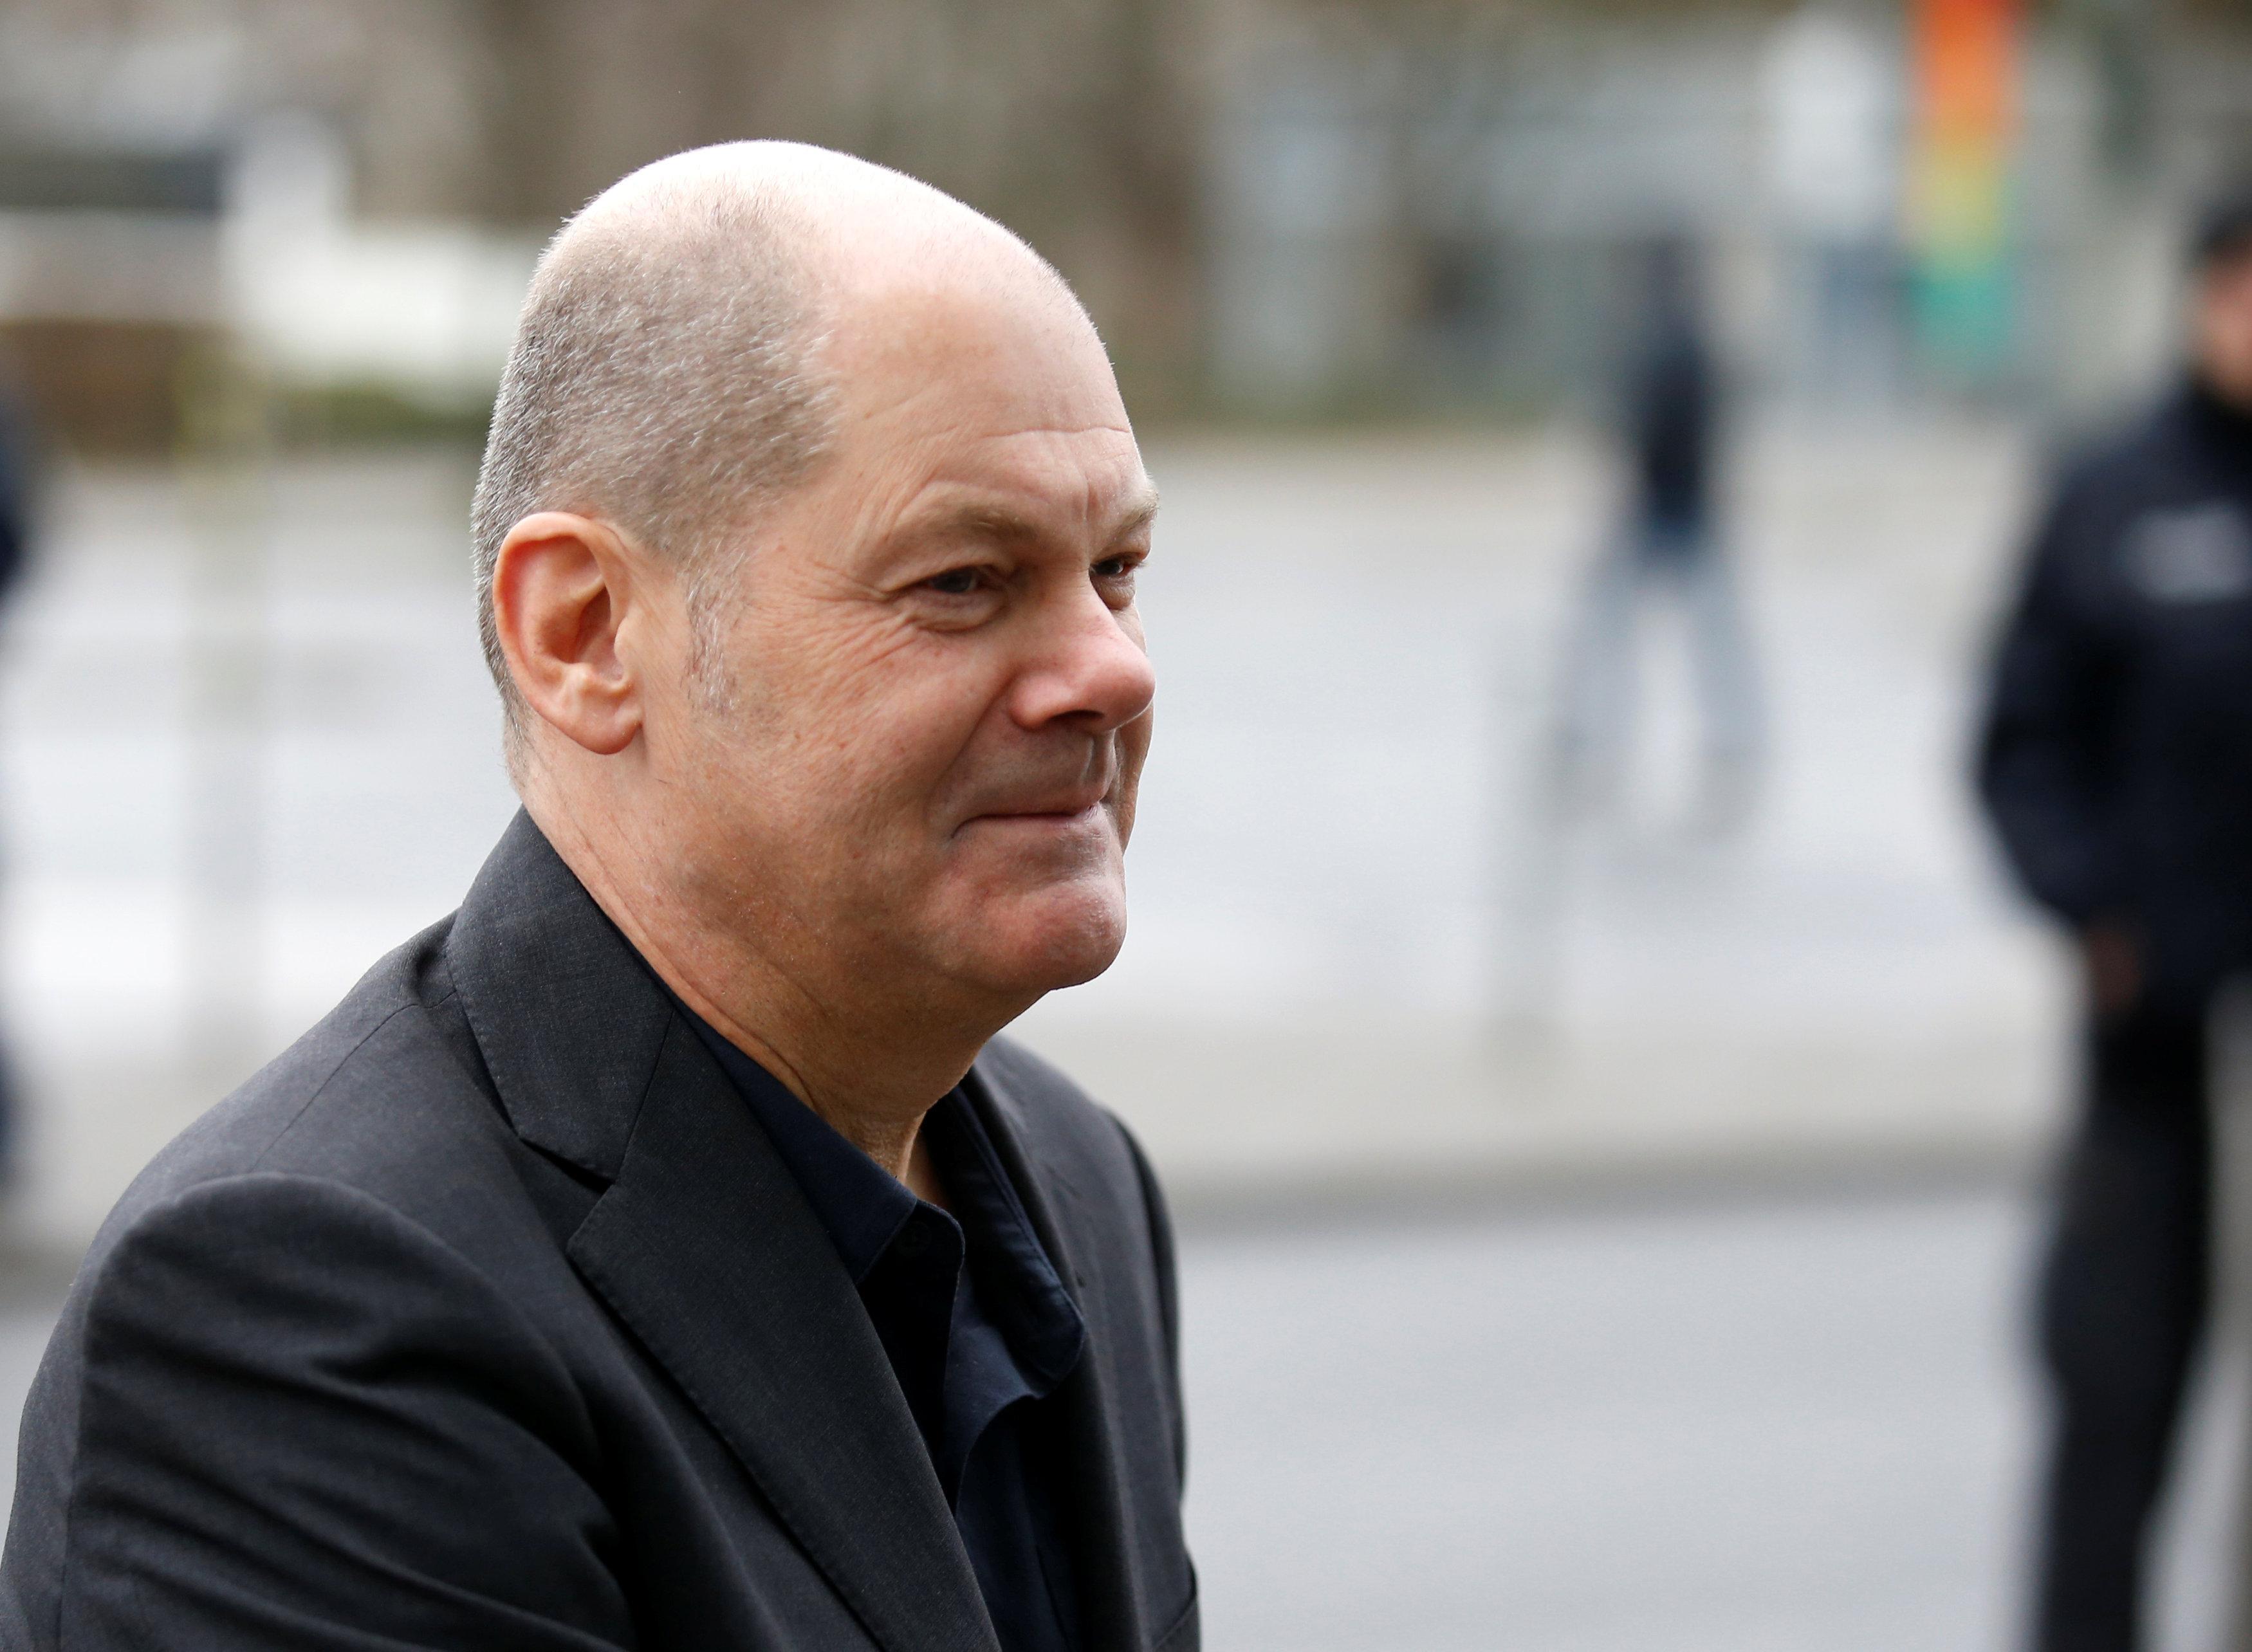 Siguiente El ministro de Finanzas alemán, Scholz, tiene grandes zapatos que llenar